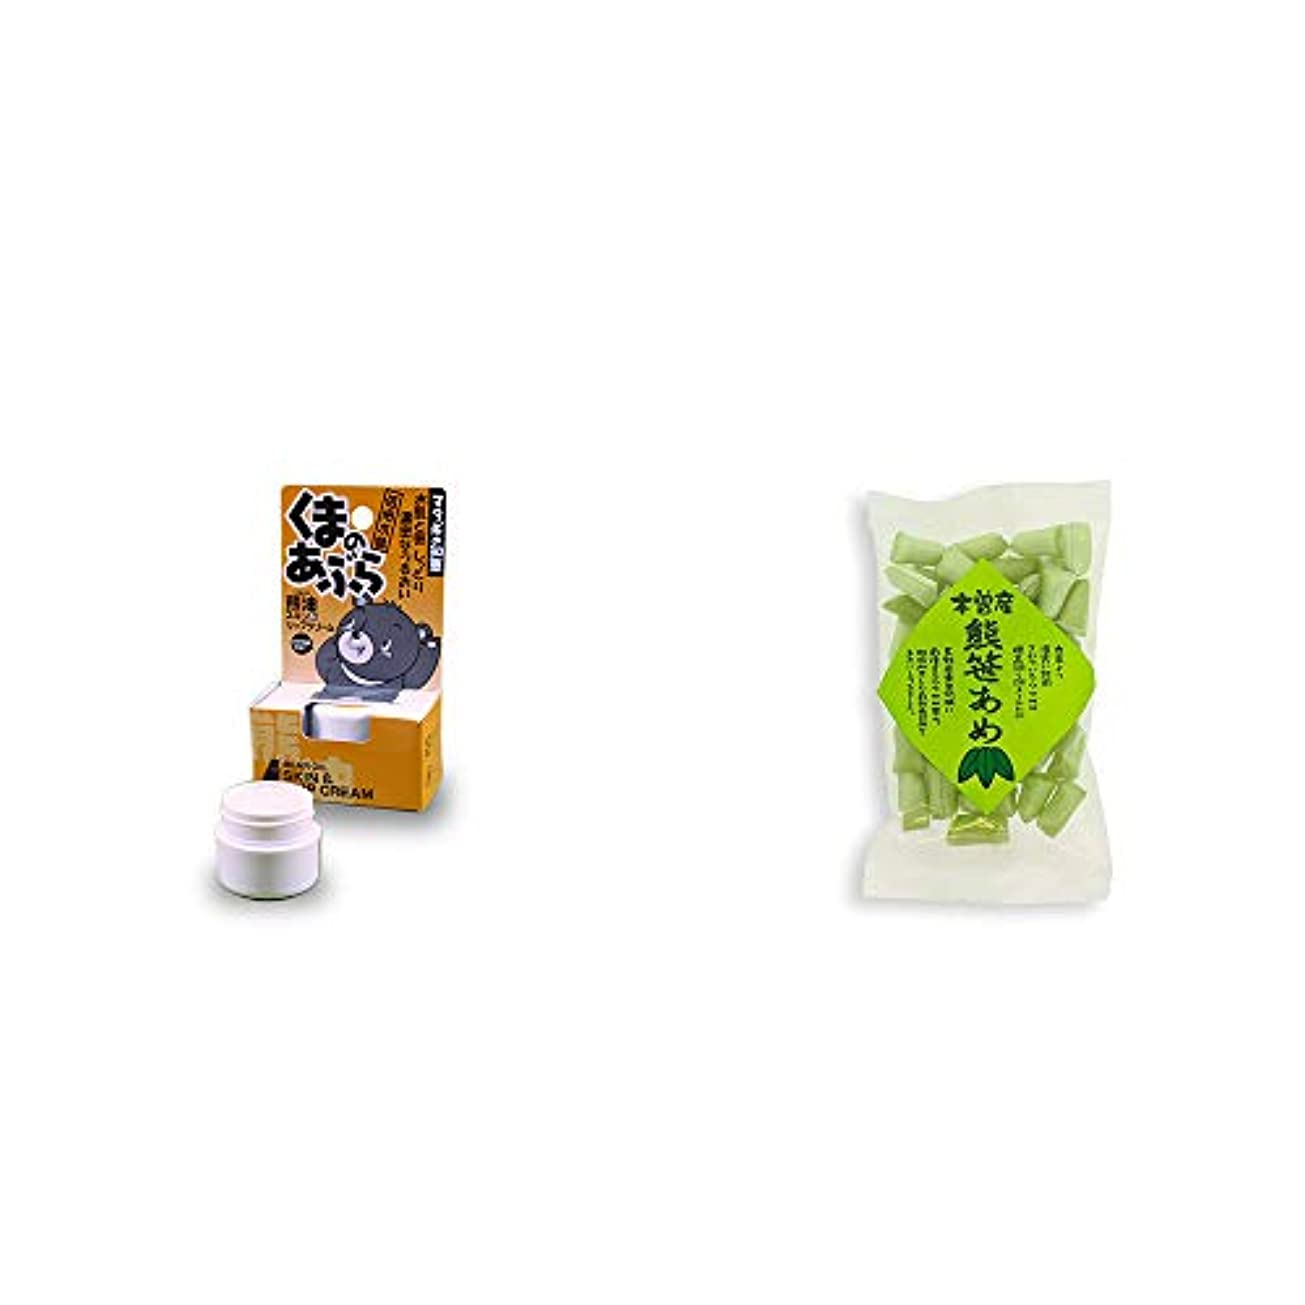 容器インタビューブランデー[2点セット] 信州木曽 くまのあぶら 熊油スキン&リップクリーム(9g)?木曽産 熊笹あめ(100g)